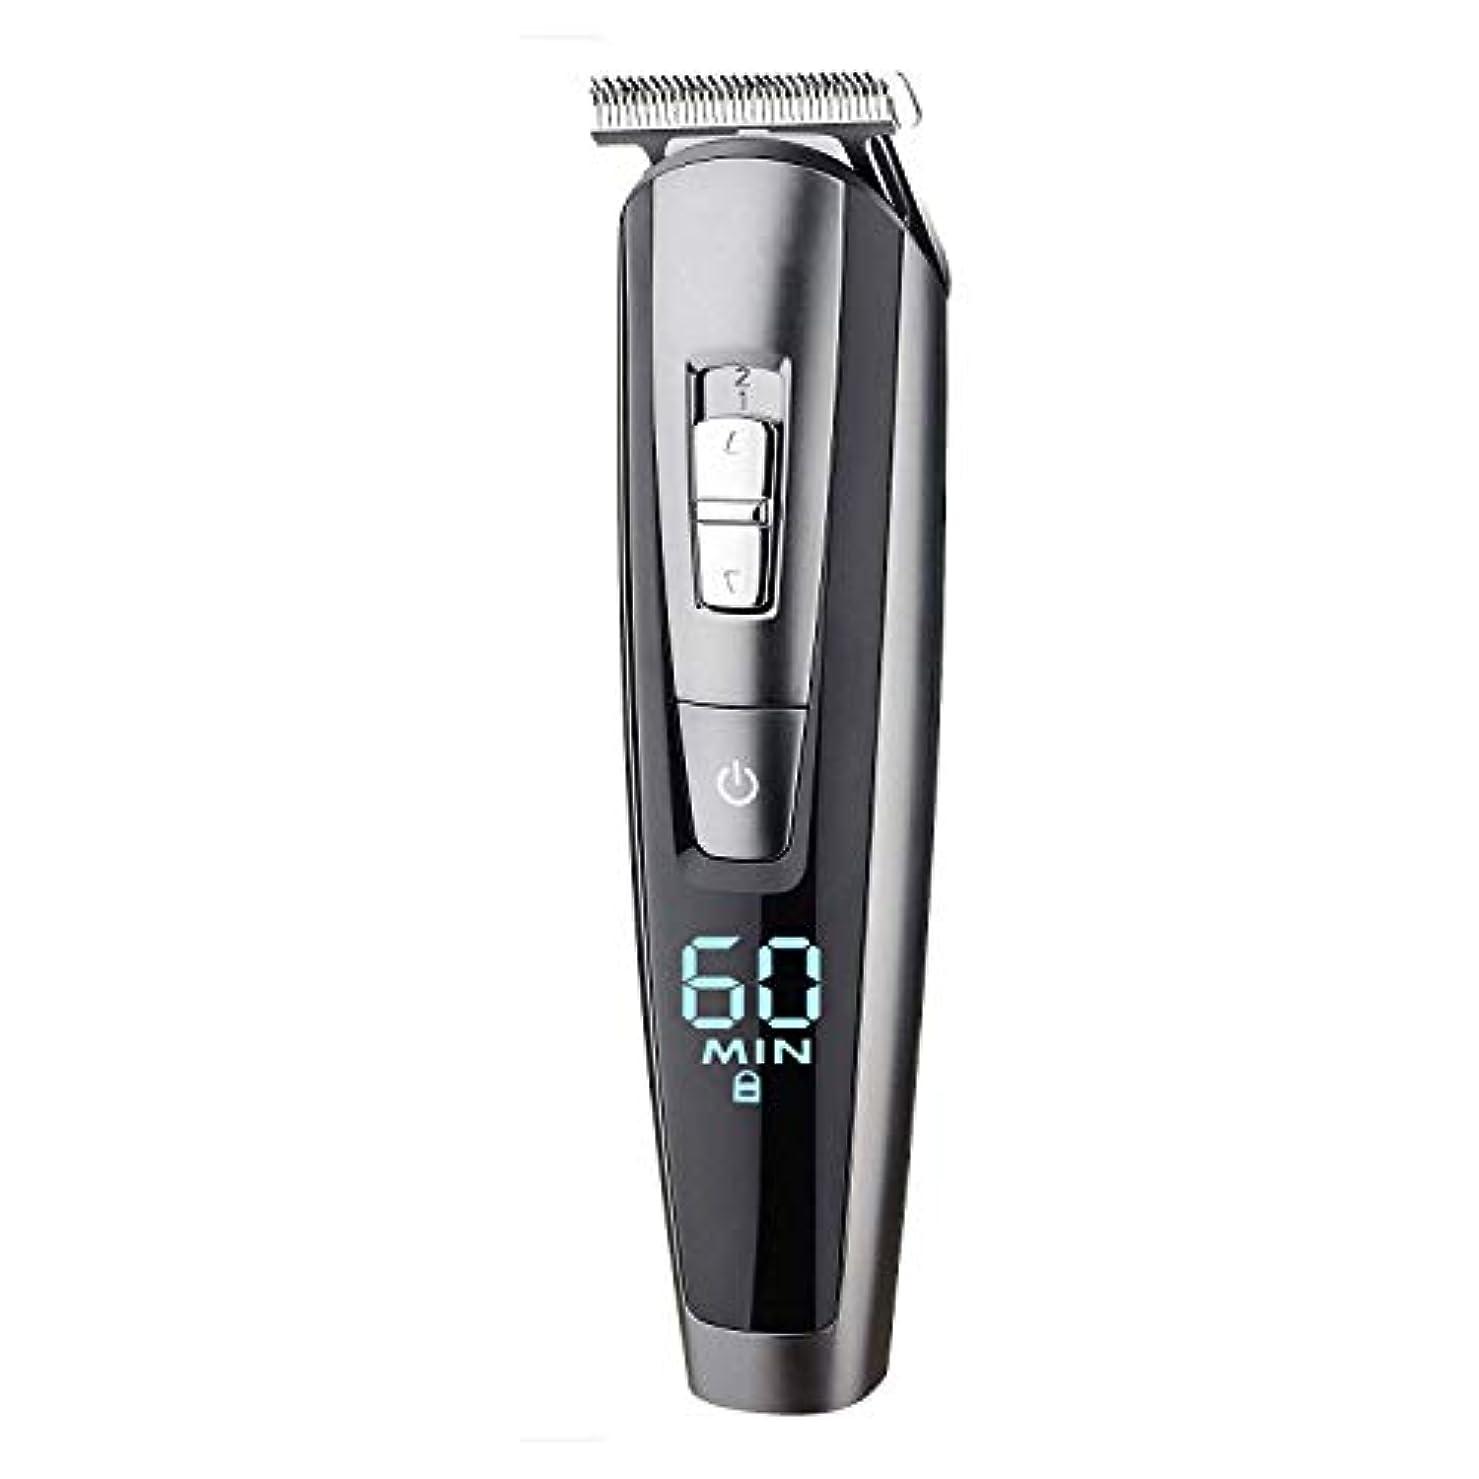 毎日秋カバレッジひげトリマー男性用コードレス口ひげボディトリマーヘアトリマートリマーキット精密トリマー鼻毛トリマー防水USB充電式